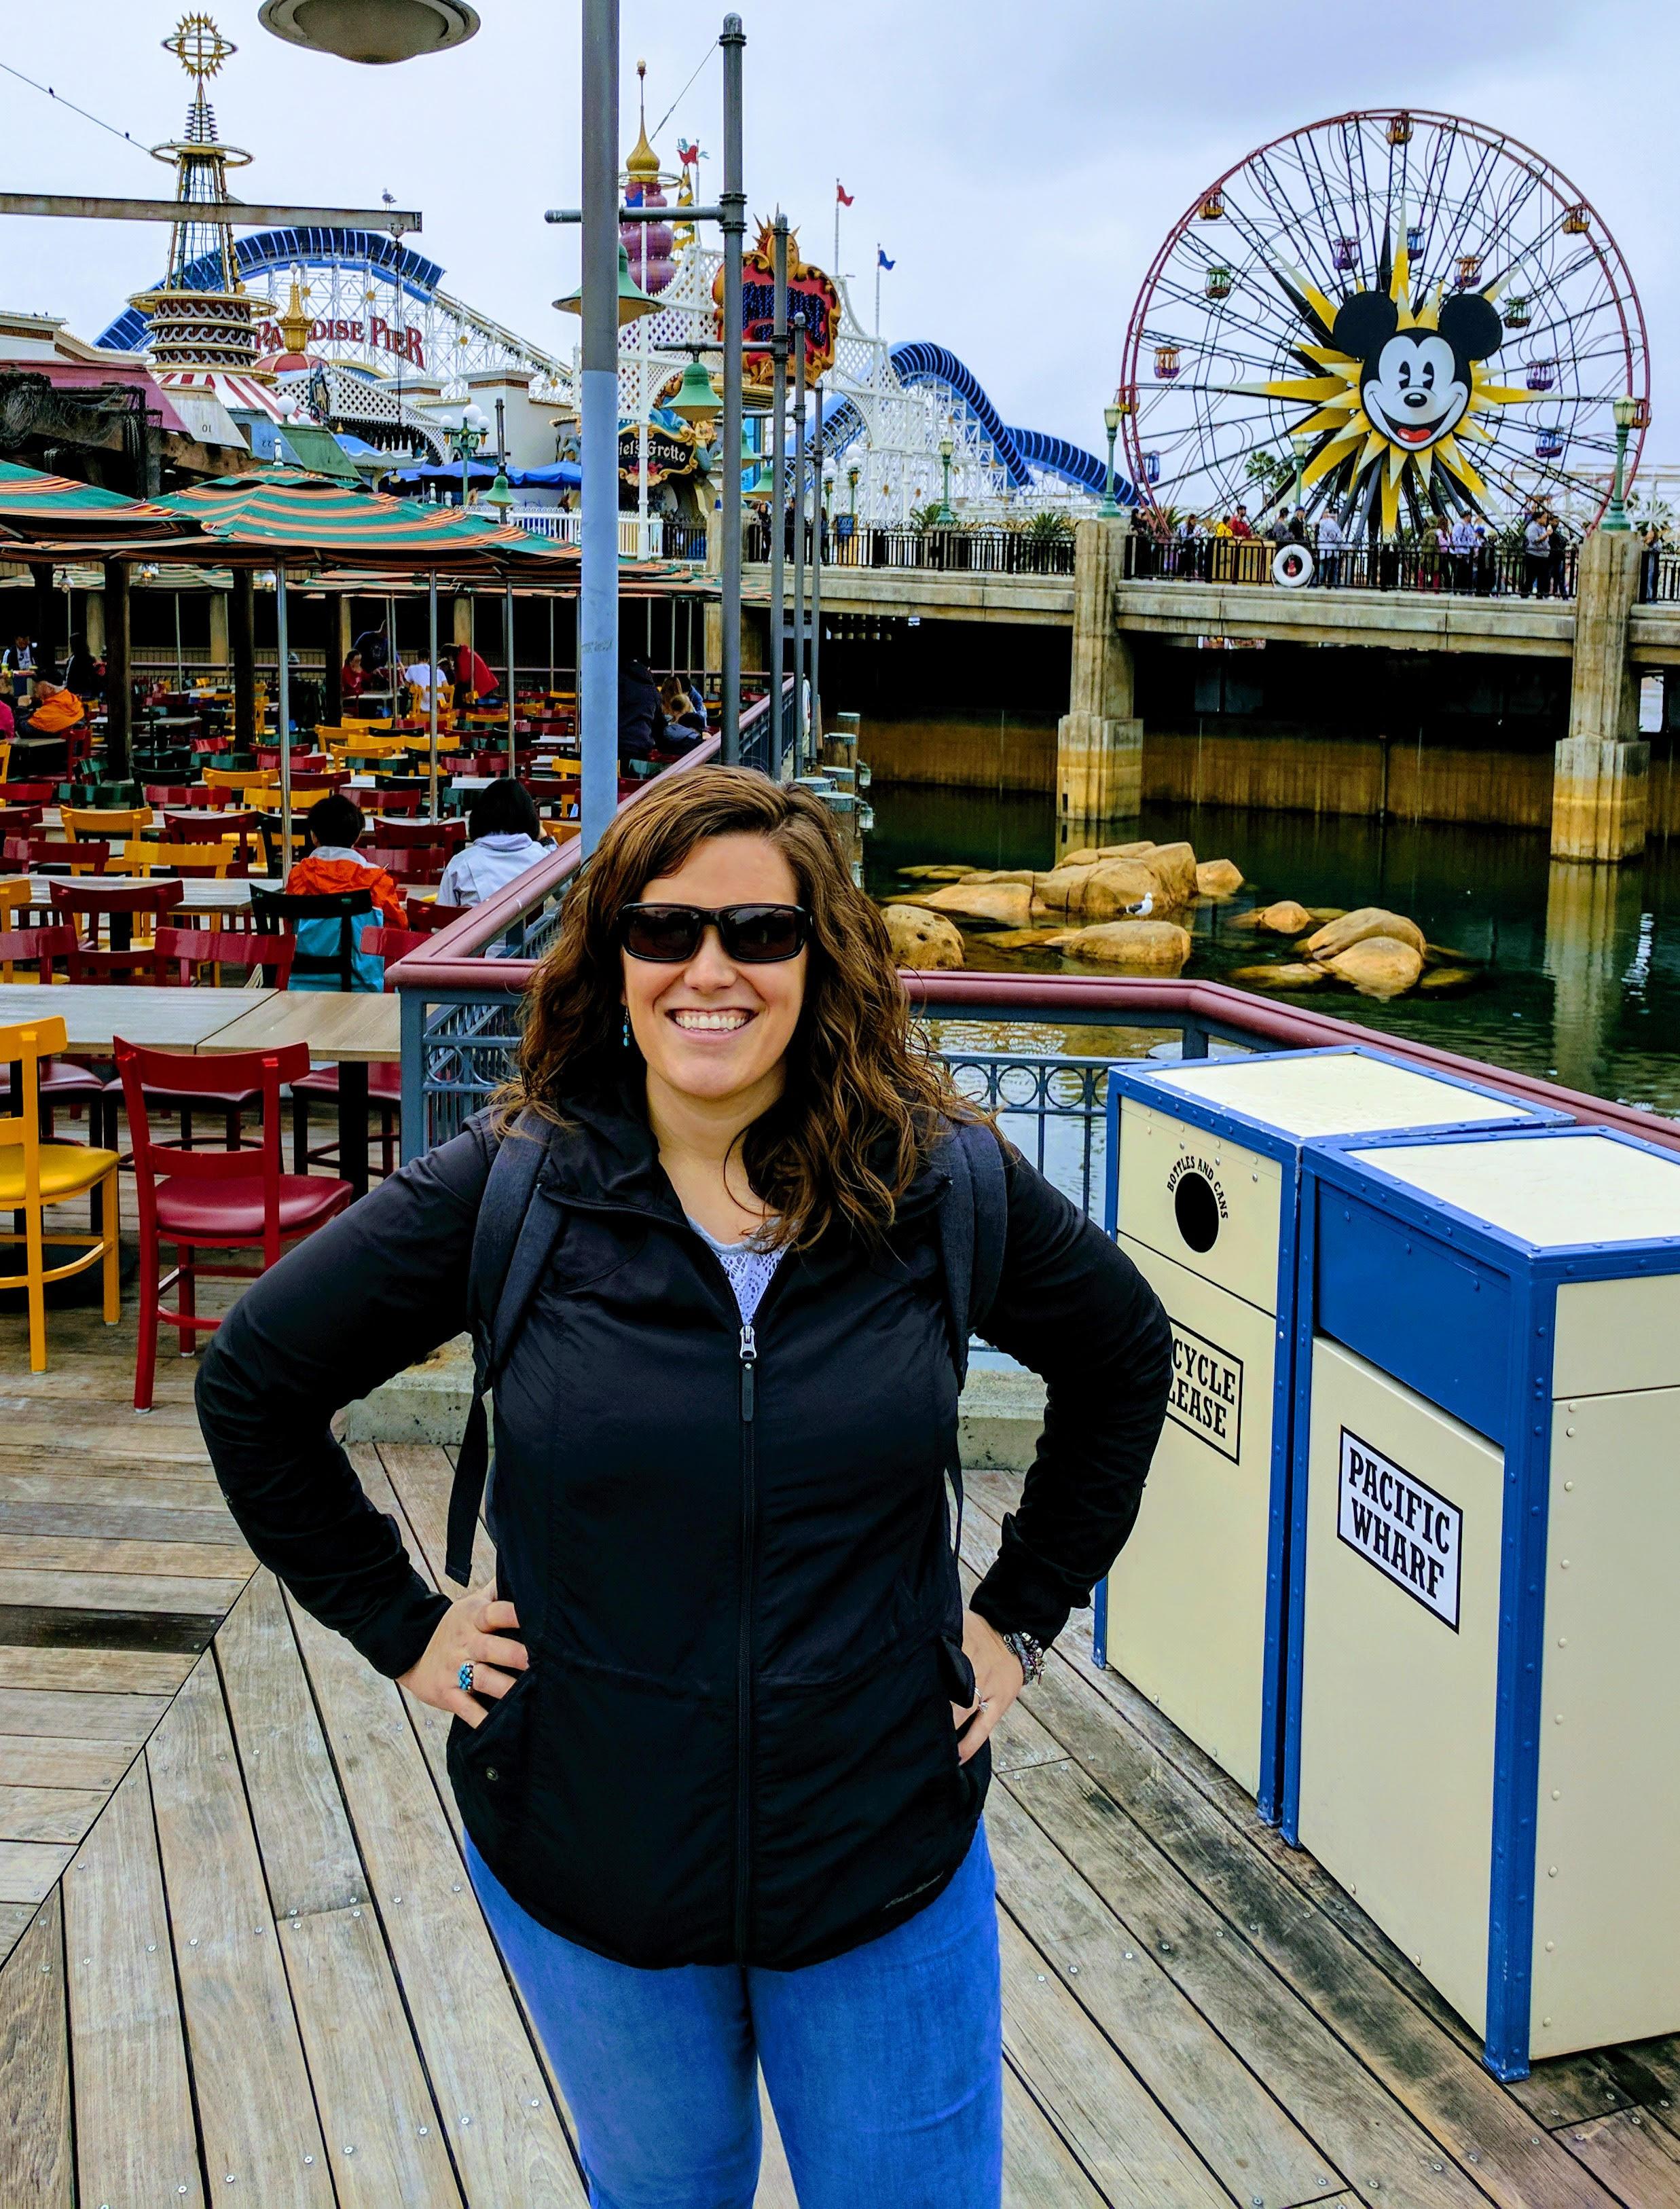 Annie Pfeifer, Agent  Annie is a travel agent in Wichita, KS. annie@spiritofadventuretravel.com